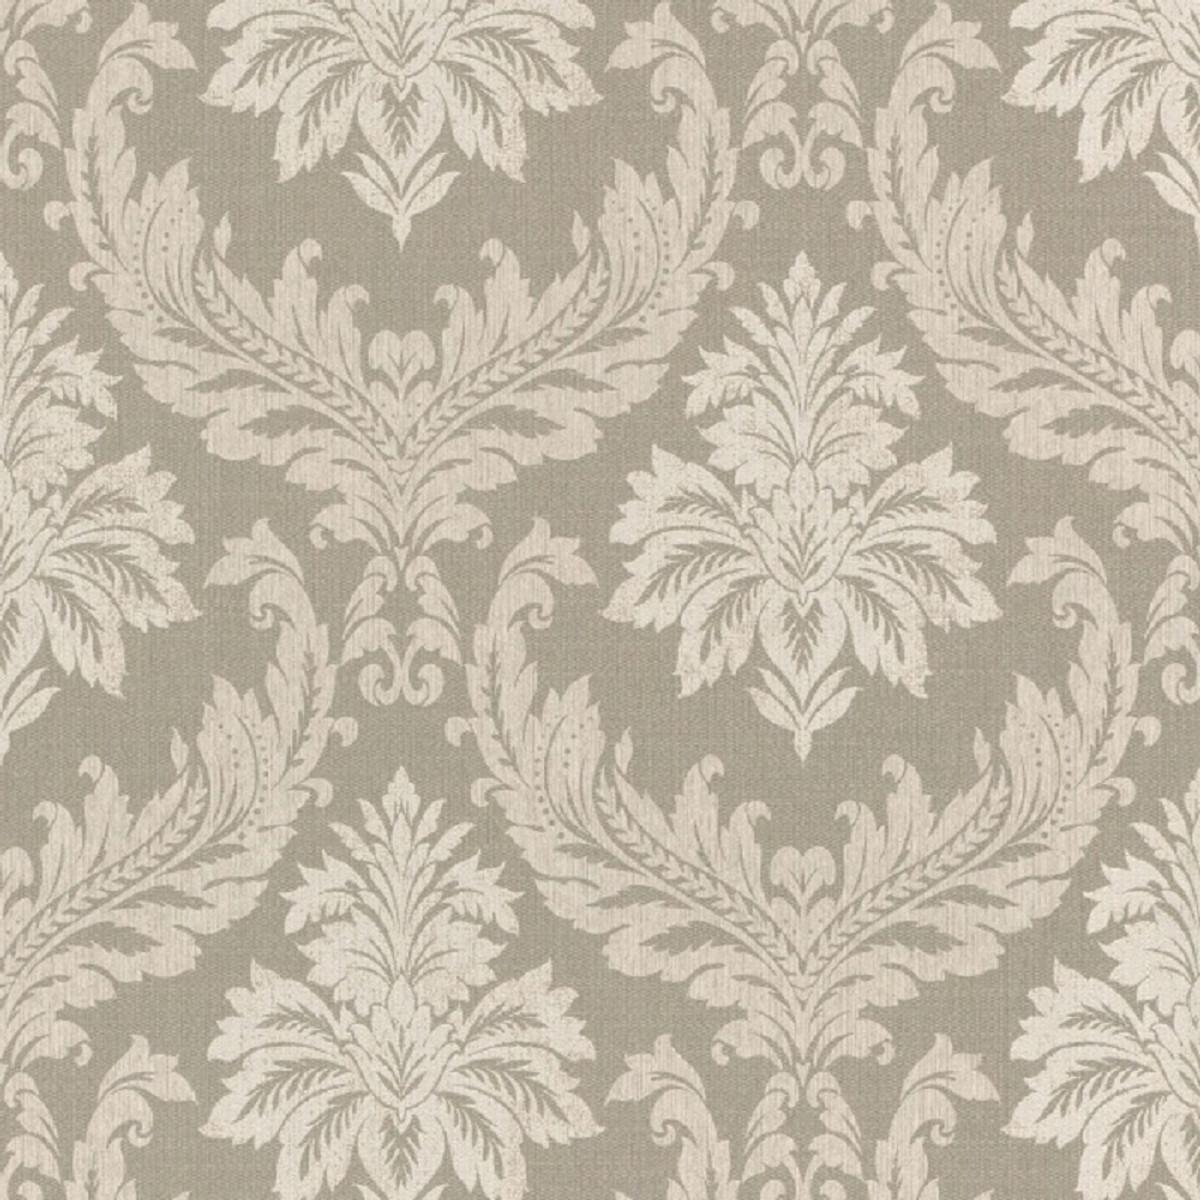 casa padrino papier peint en textile de style baroque beige creme 10 05 x 0 53 m papier peint en tissu avec structure en molleton